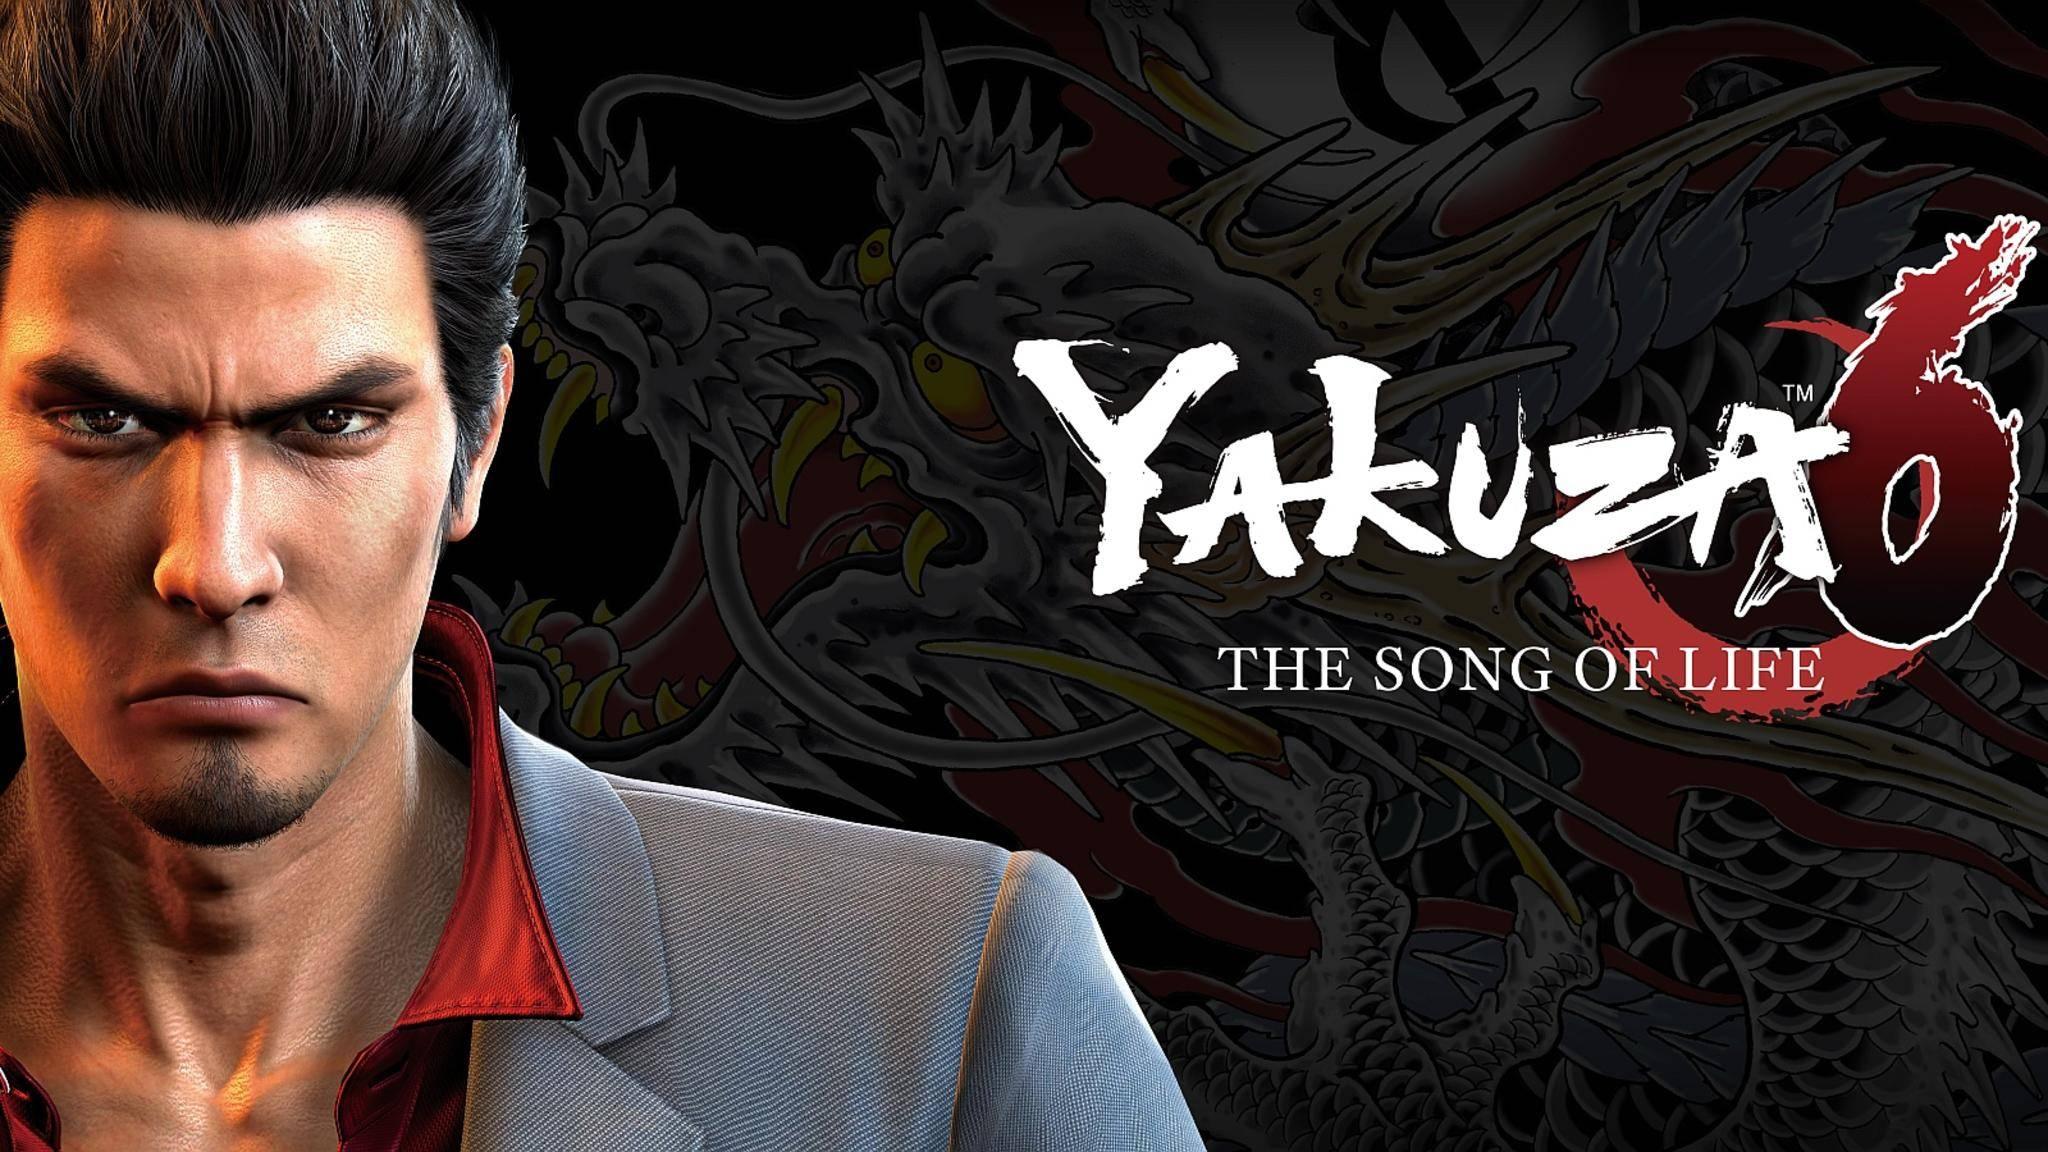 Yakuza 6: Sega veröffentlicht versehentlich die Vollversion statt der Demo